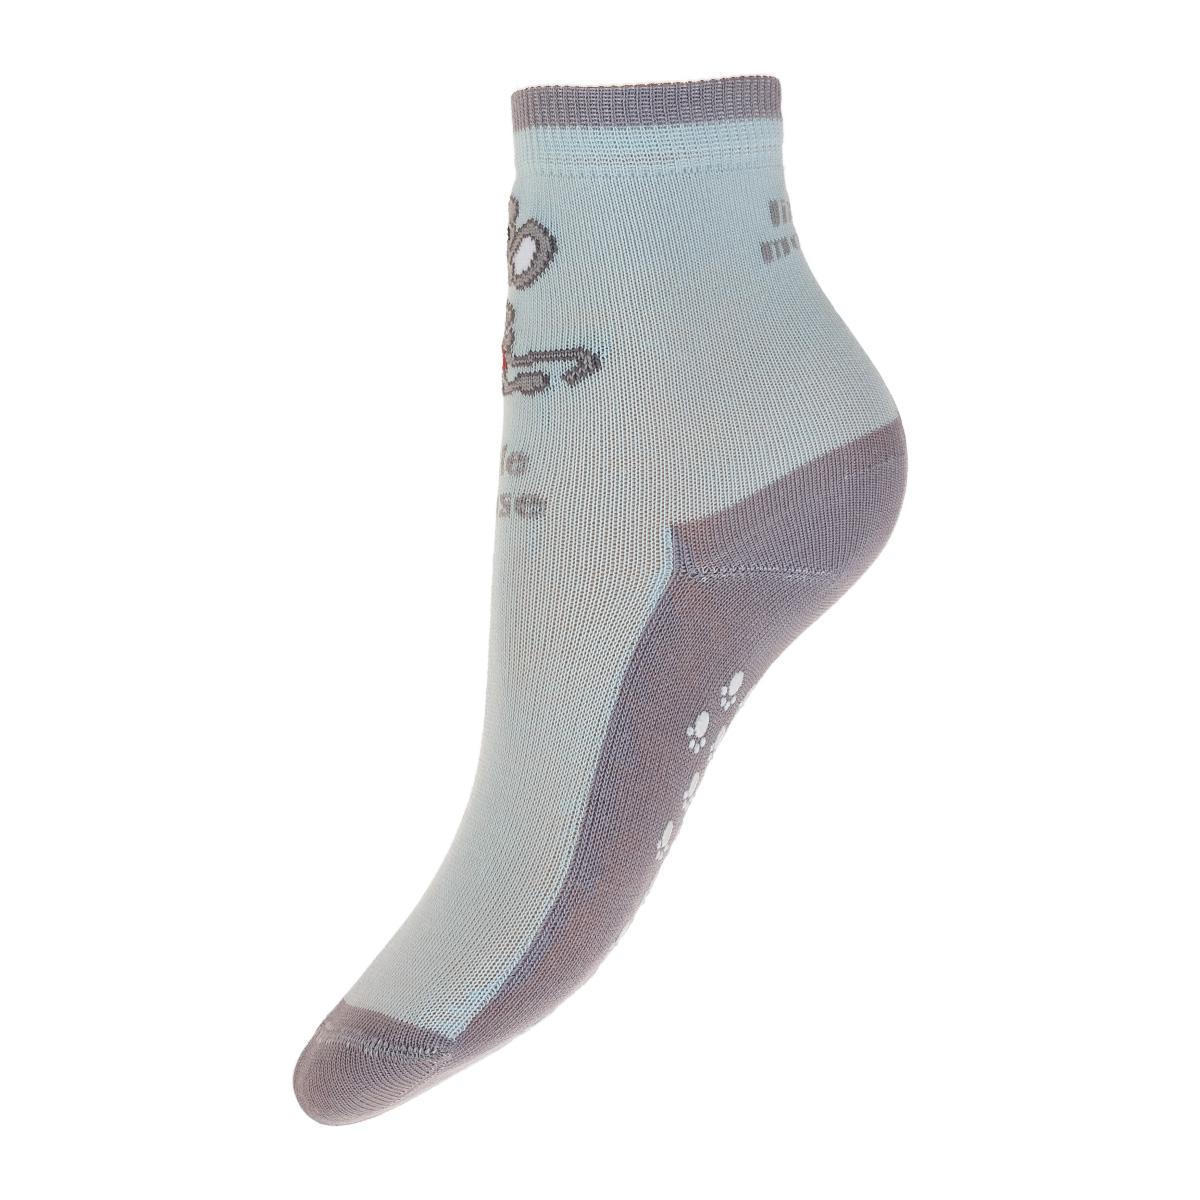 Носки10010-234Удобные носки для мальчика с антискользящим покрытием Conte-Kids Tip-Top, изготовленные из высококачественного комбинированного материала, очень мягкие и приятные на ощупь, позволяют коже дышать. Эластичная резинка плотно облегает ногу, не сдавливая ее, обеспечивая комфорт и удобство. Удобные и комфортные носки великолепно подойдут к любой обуви.